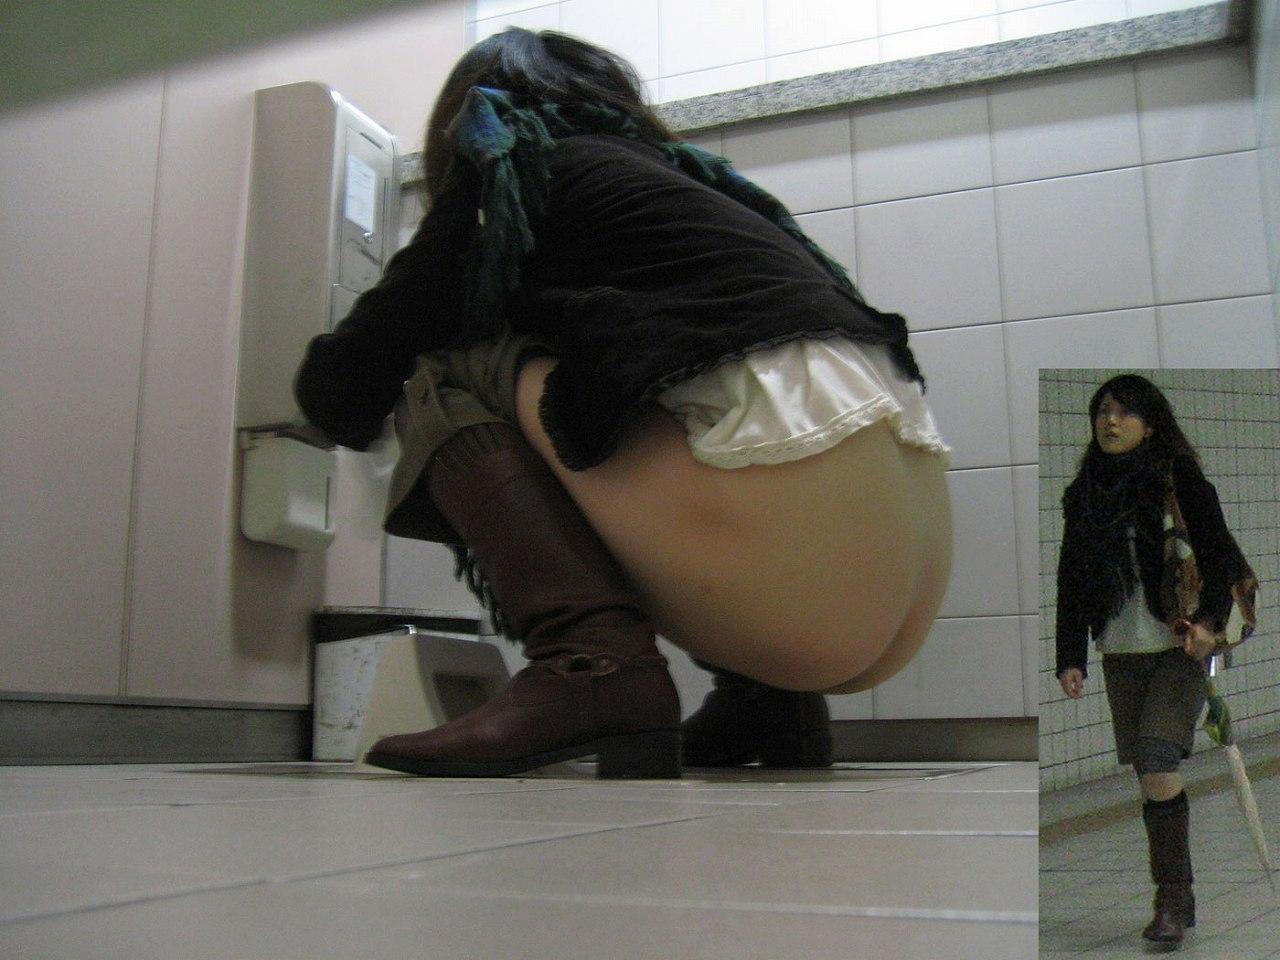 中国トイレ盗撮画像 女子トイレDX 和式トイレを後方下部から女性のお尻を盗撮したエロ画像